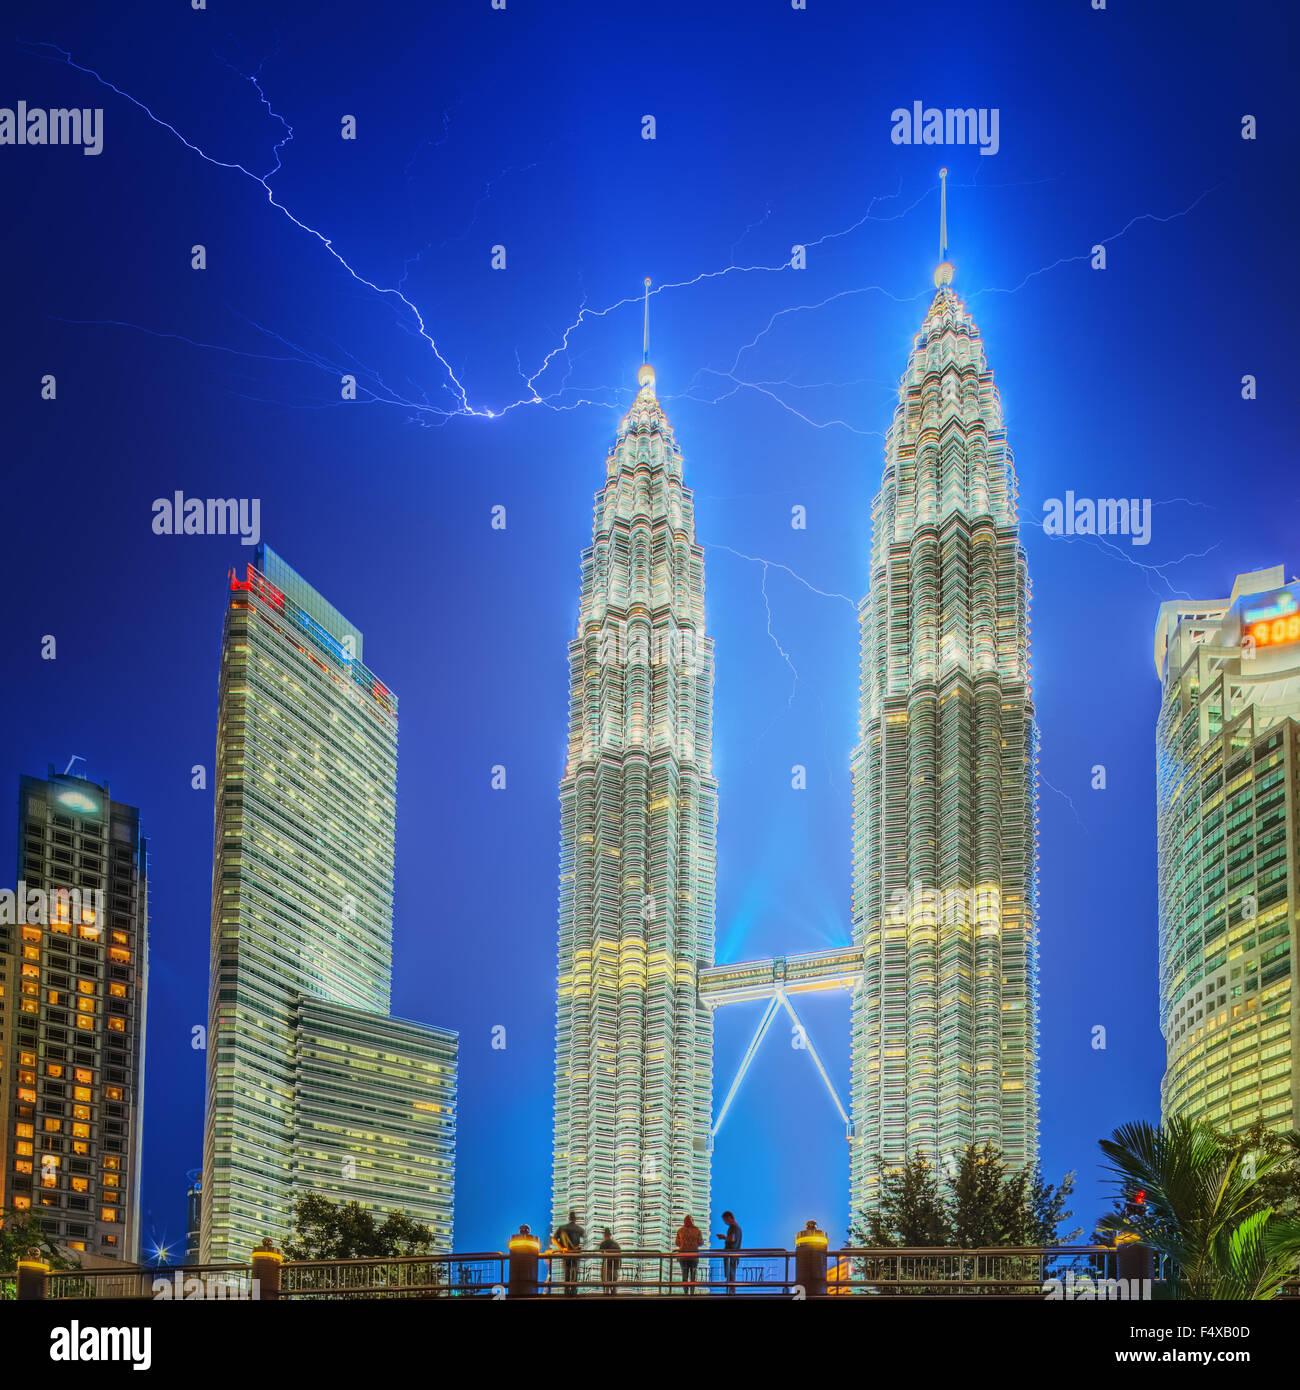 Kuala Lumpur night Scenery in the park, Malaysia. - Stock Image